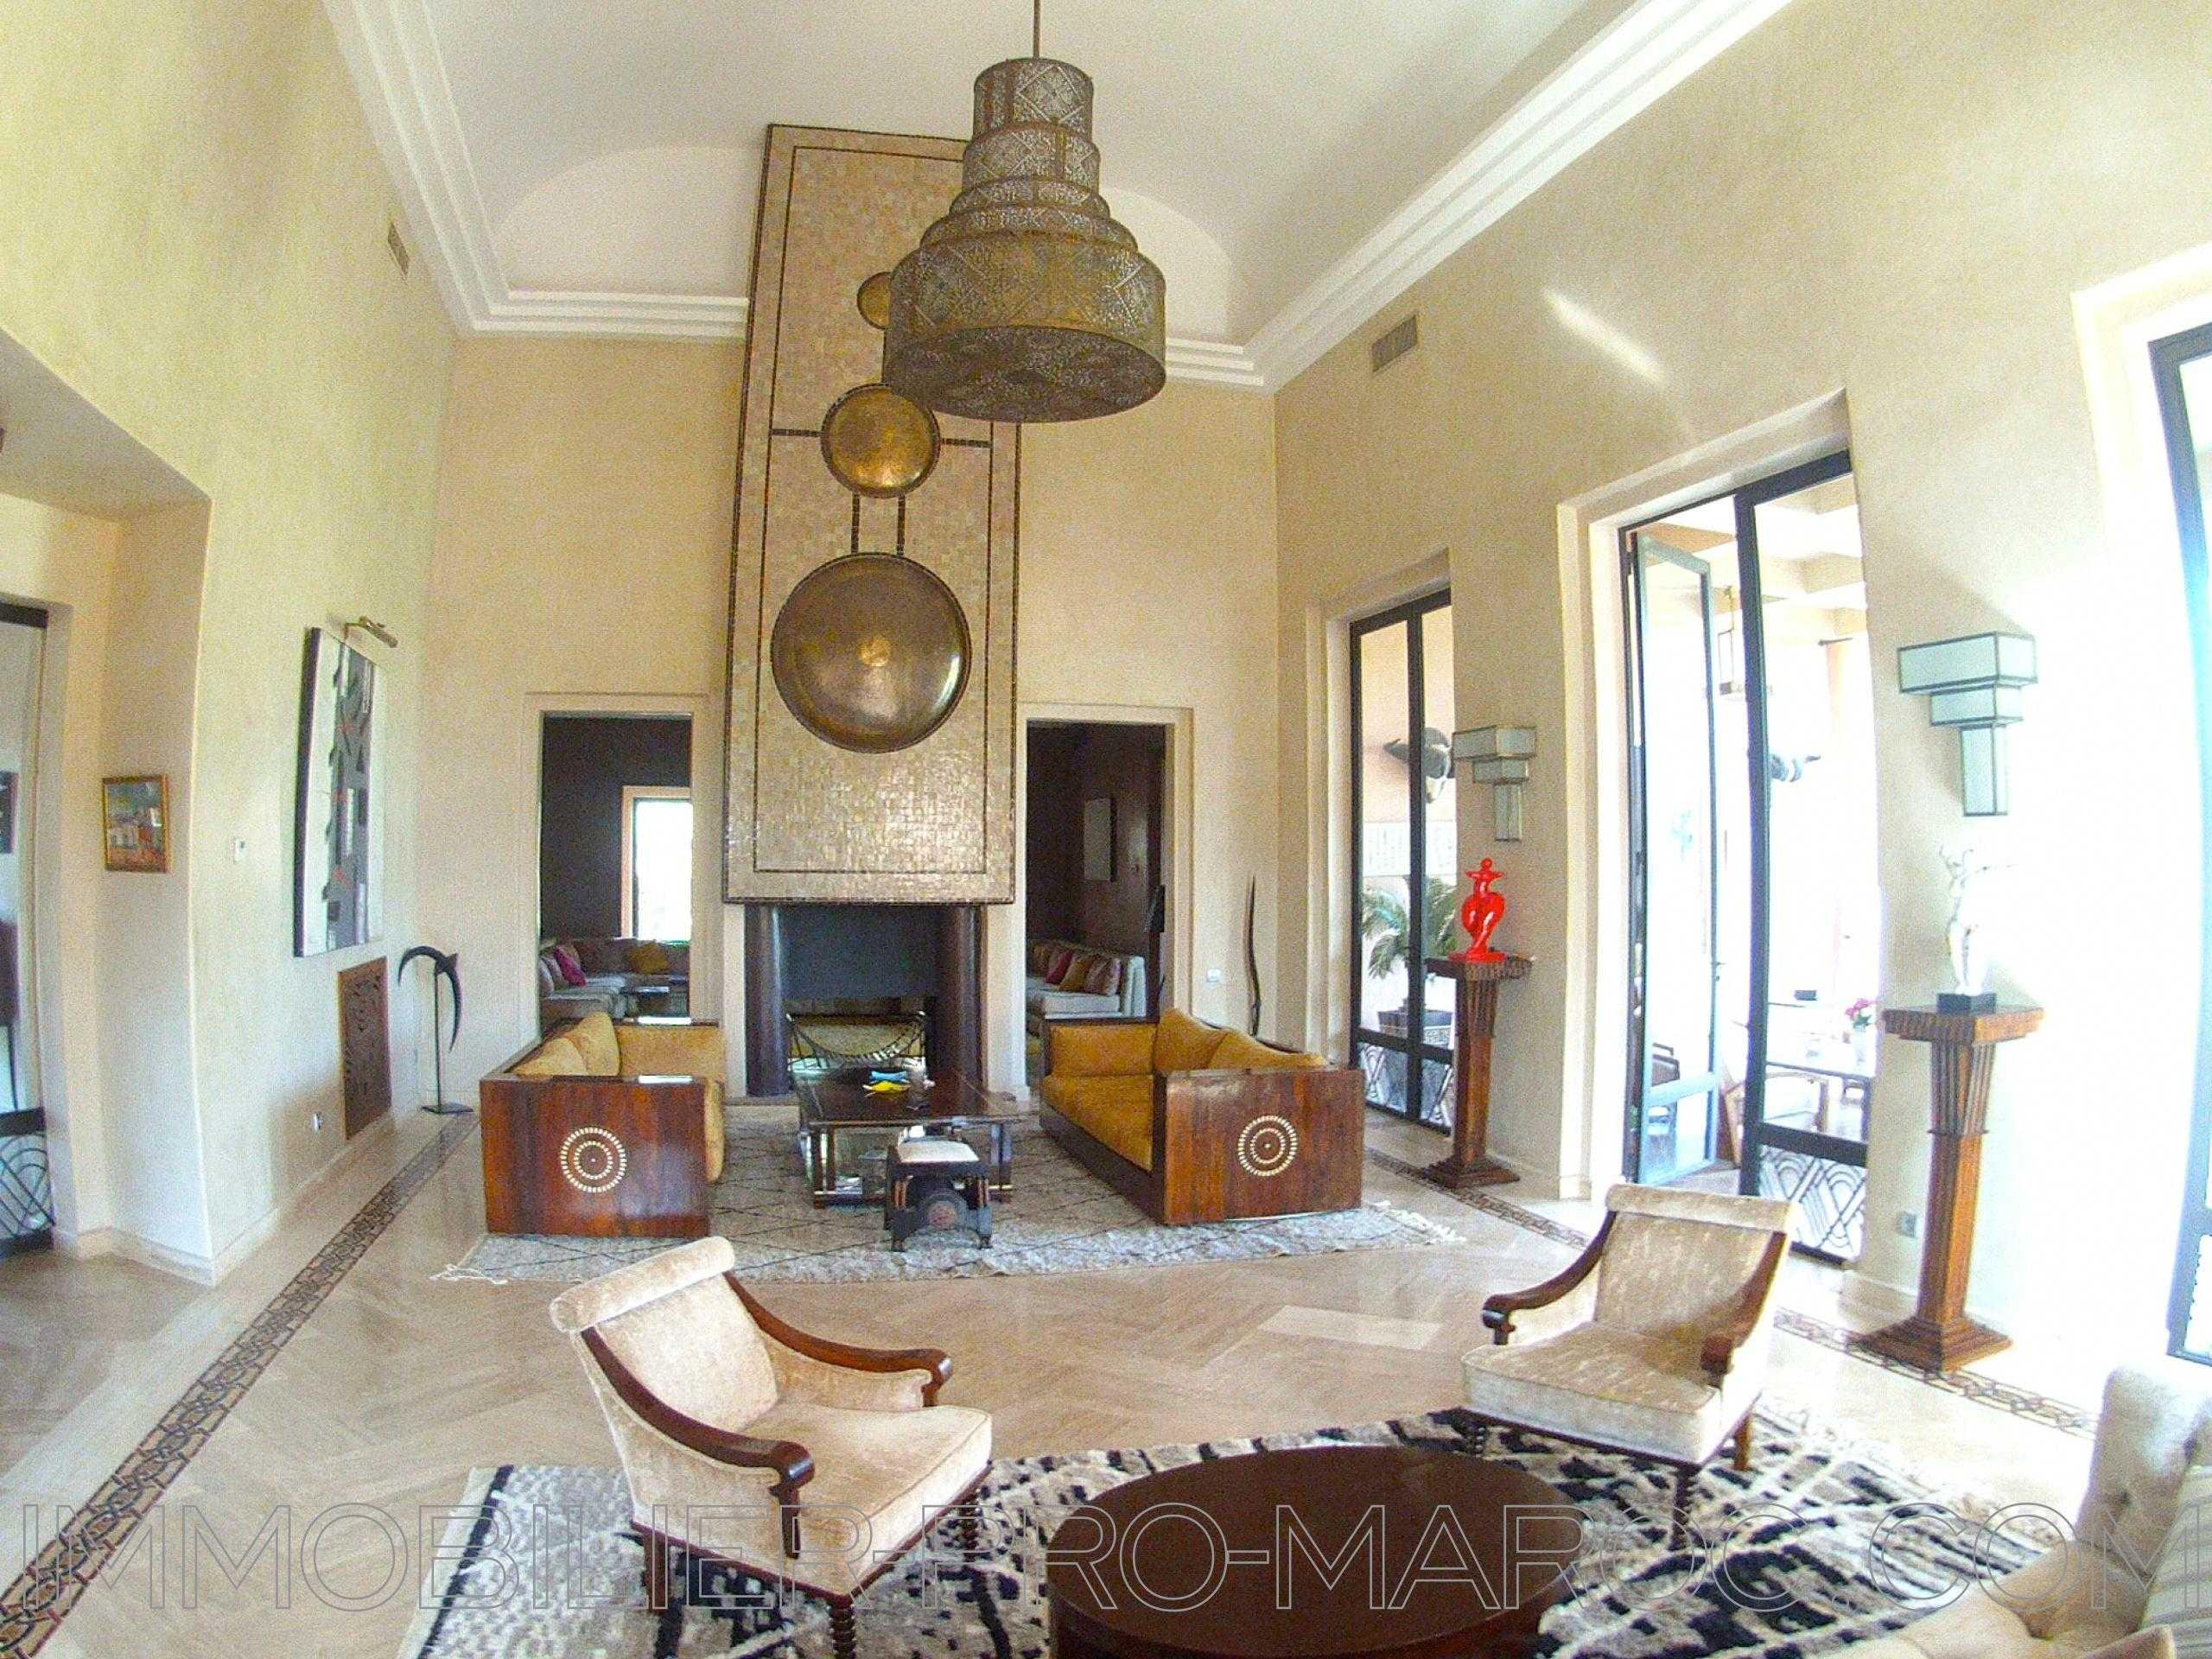 Marrakech Decoration D Interieur villa 7 chambres 1600m² en vente à marrakech ref 6236